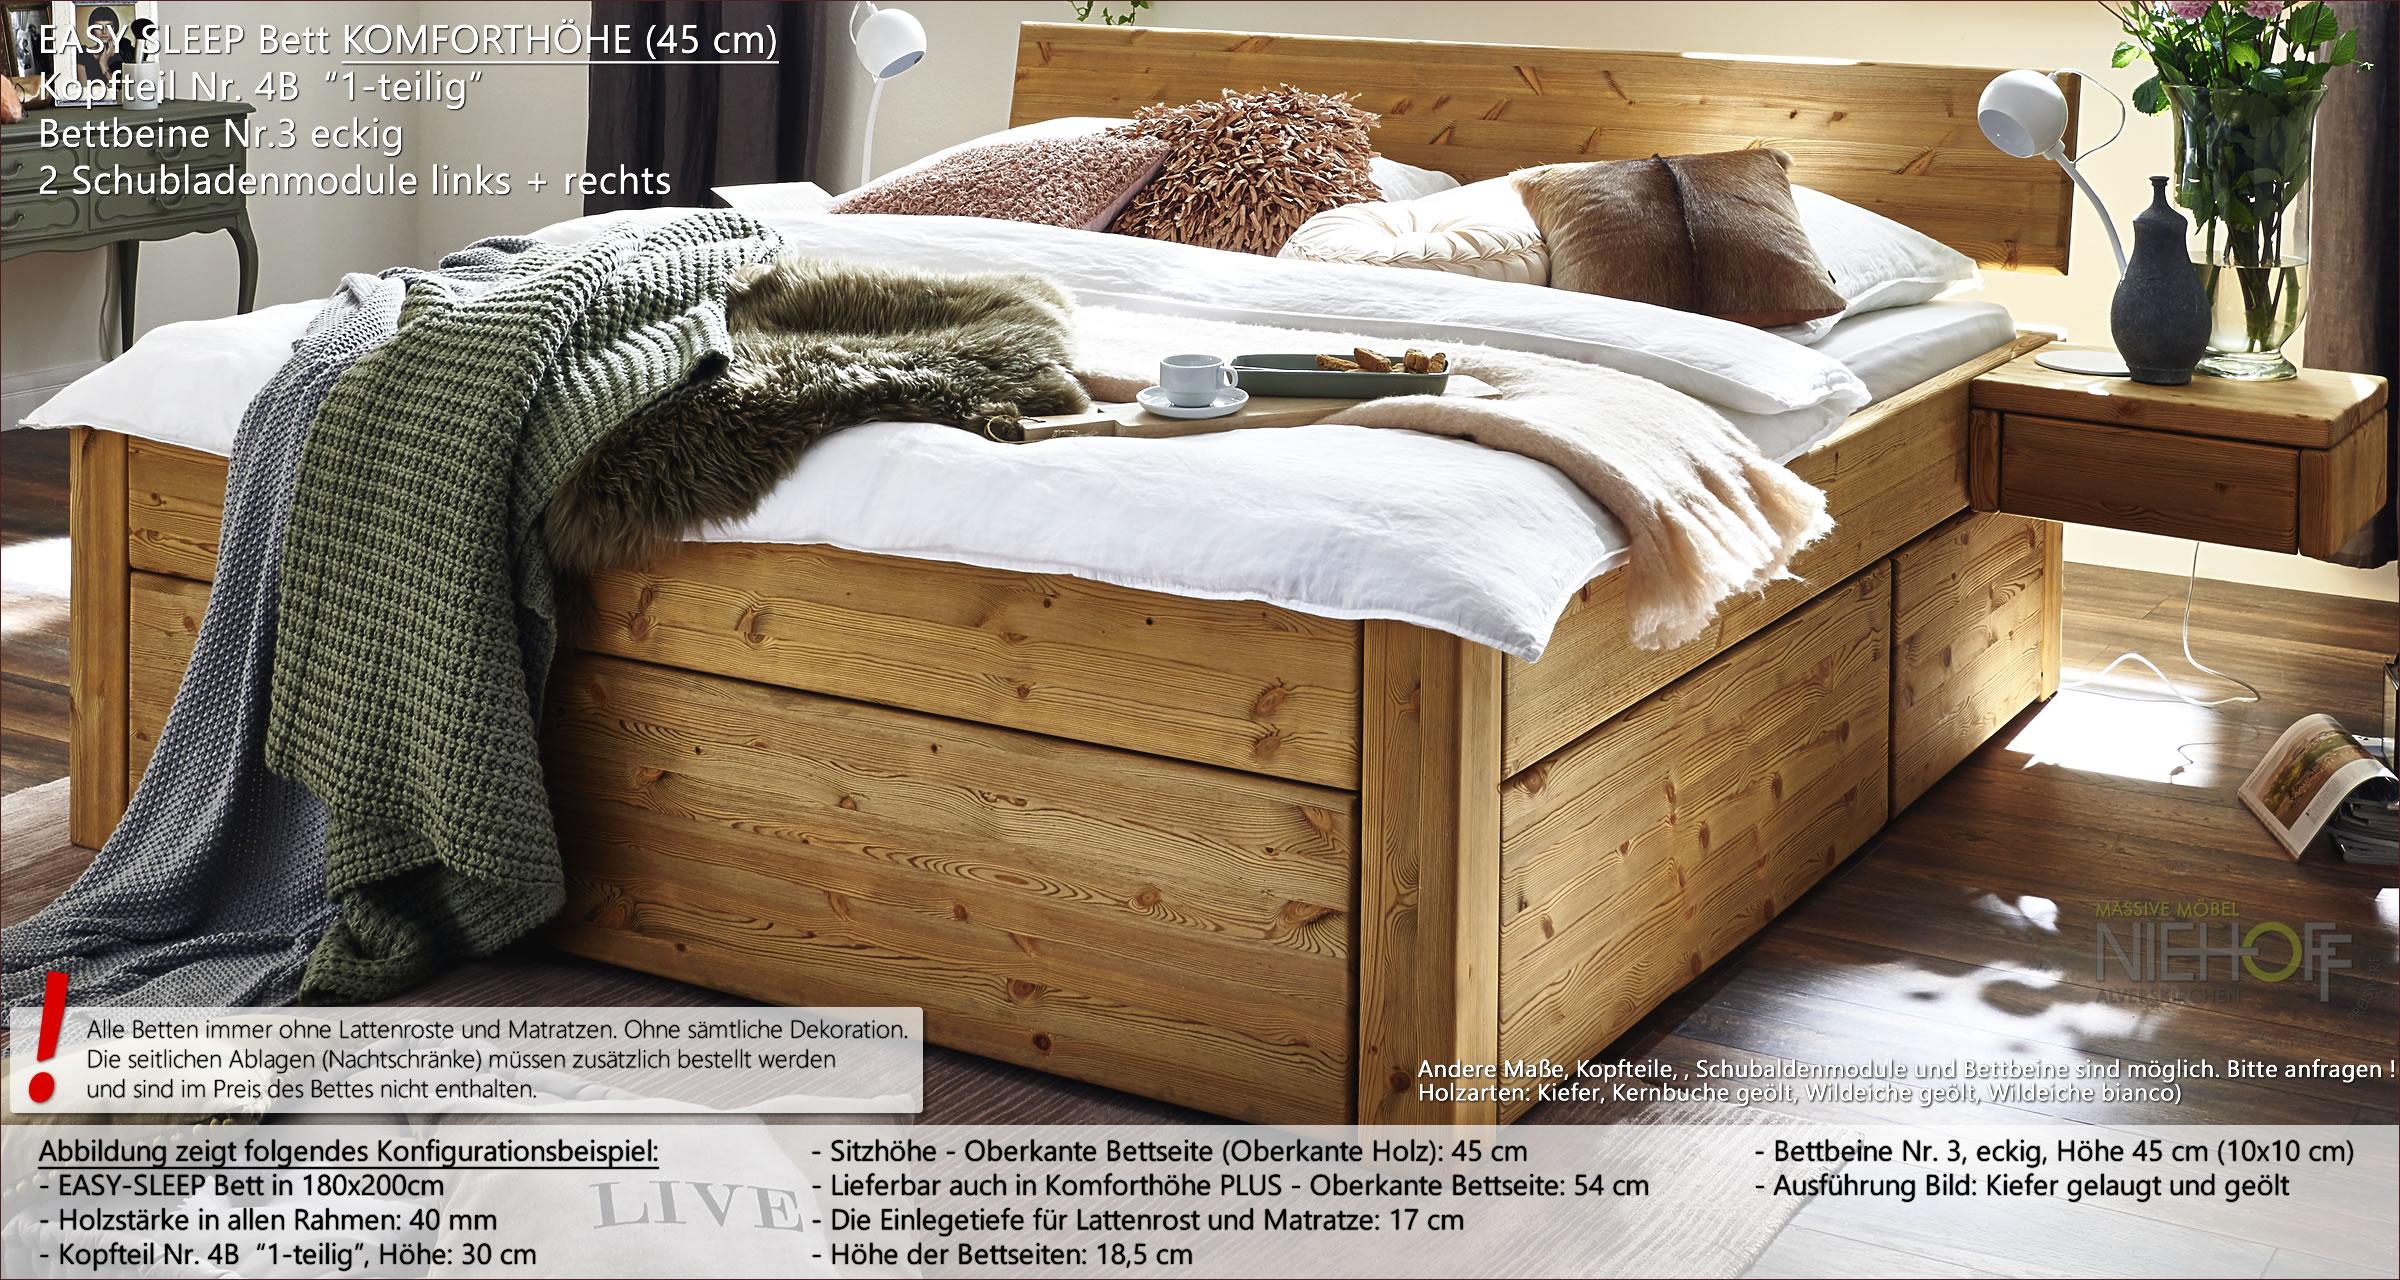 Full Size of Hohe Betten Schubkastenbetten Japanische Amazon Trends Gebrauchte Rauch Hasena Günstig Kaufen 180x200 Jabo Dänisches Bettenlager Badezimmer 160x200 Bett Hohe Betten